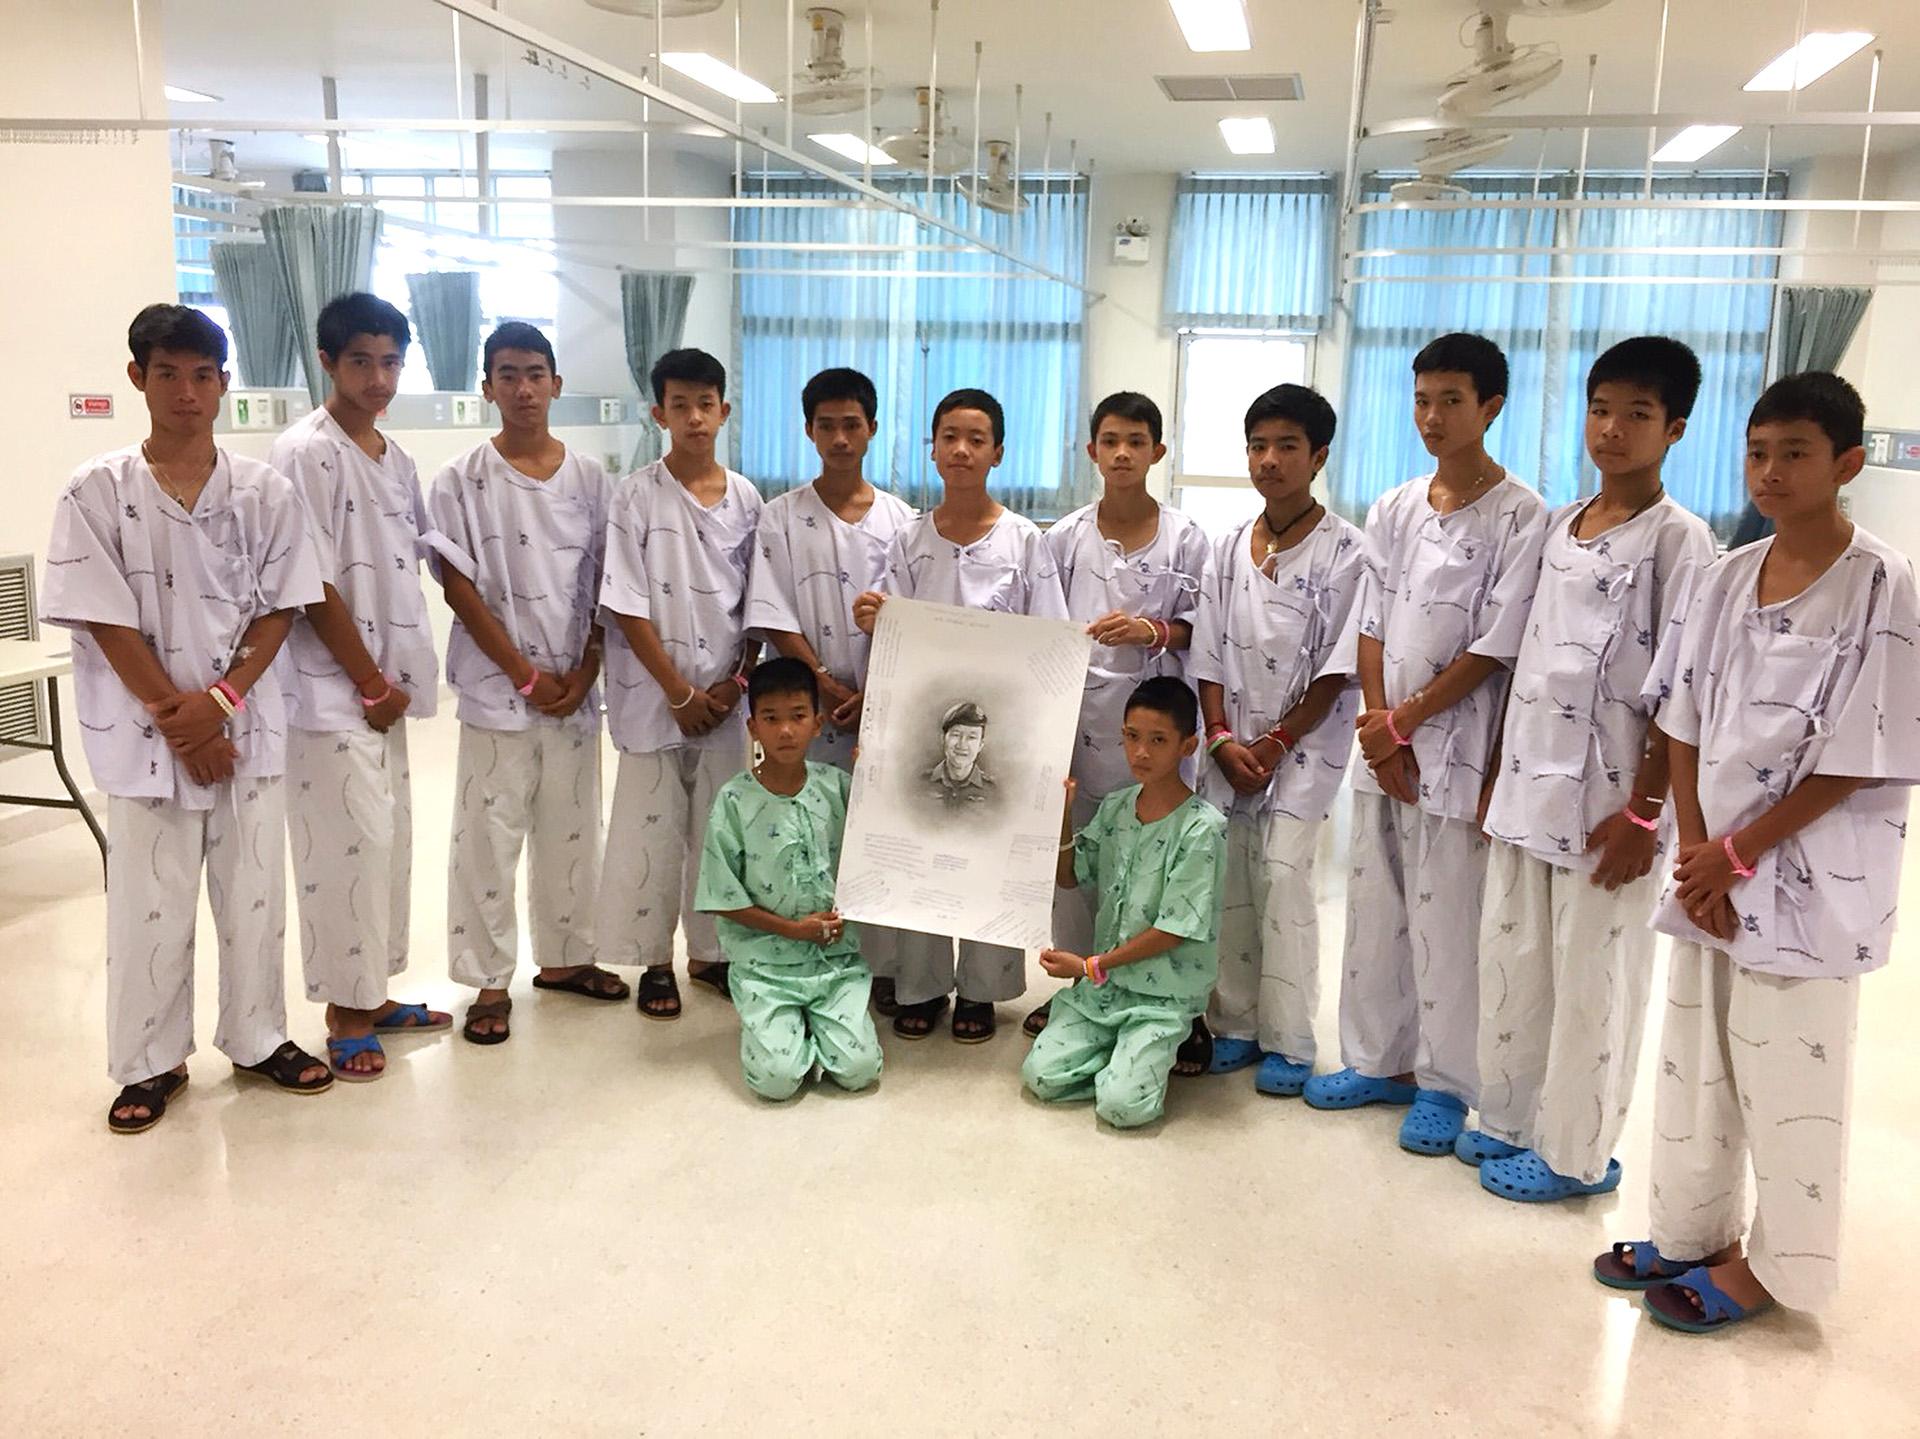 Los 12 niños y el entrenador rescatados en Tailandia tras pasar semanas atrapados en una cueva rinden un tributo al buzo fallecido durante el operativo, el 15 de julio en el HospitalChiang Rai Prachanukroh (AFP)